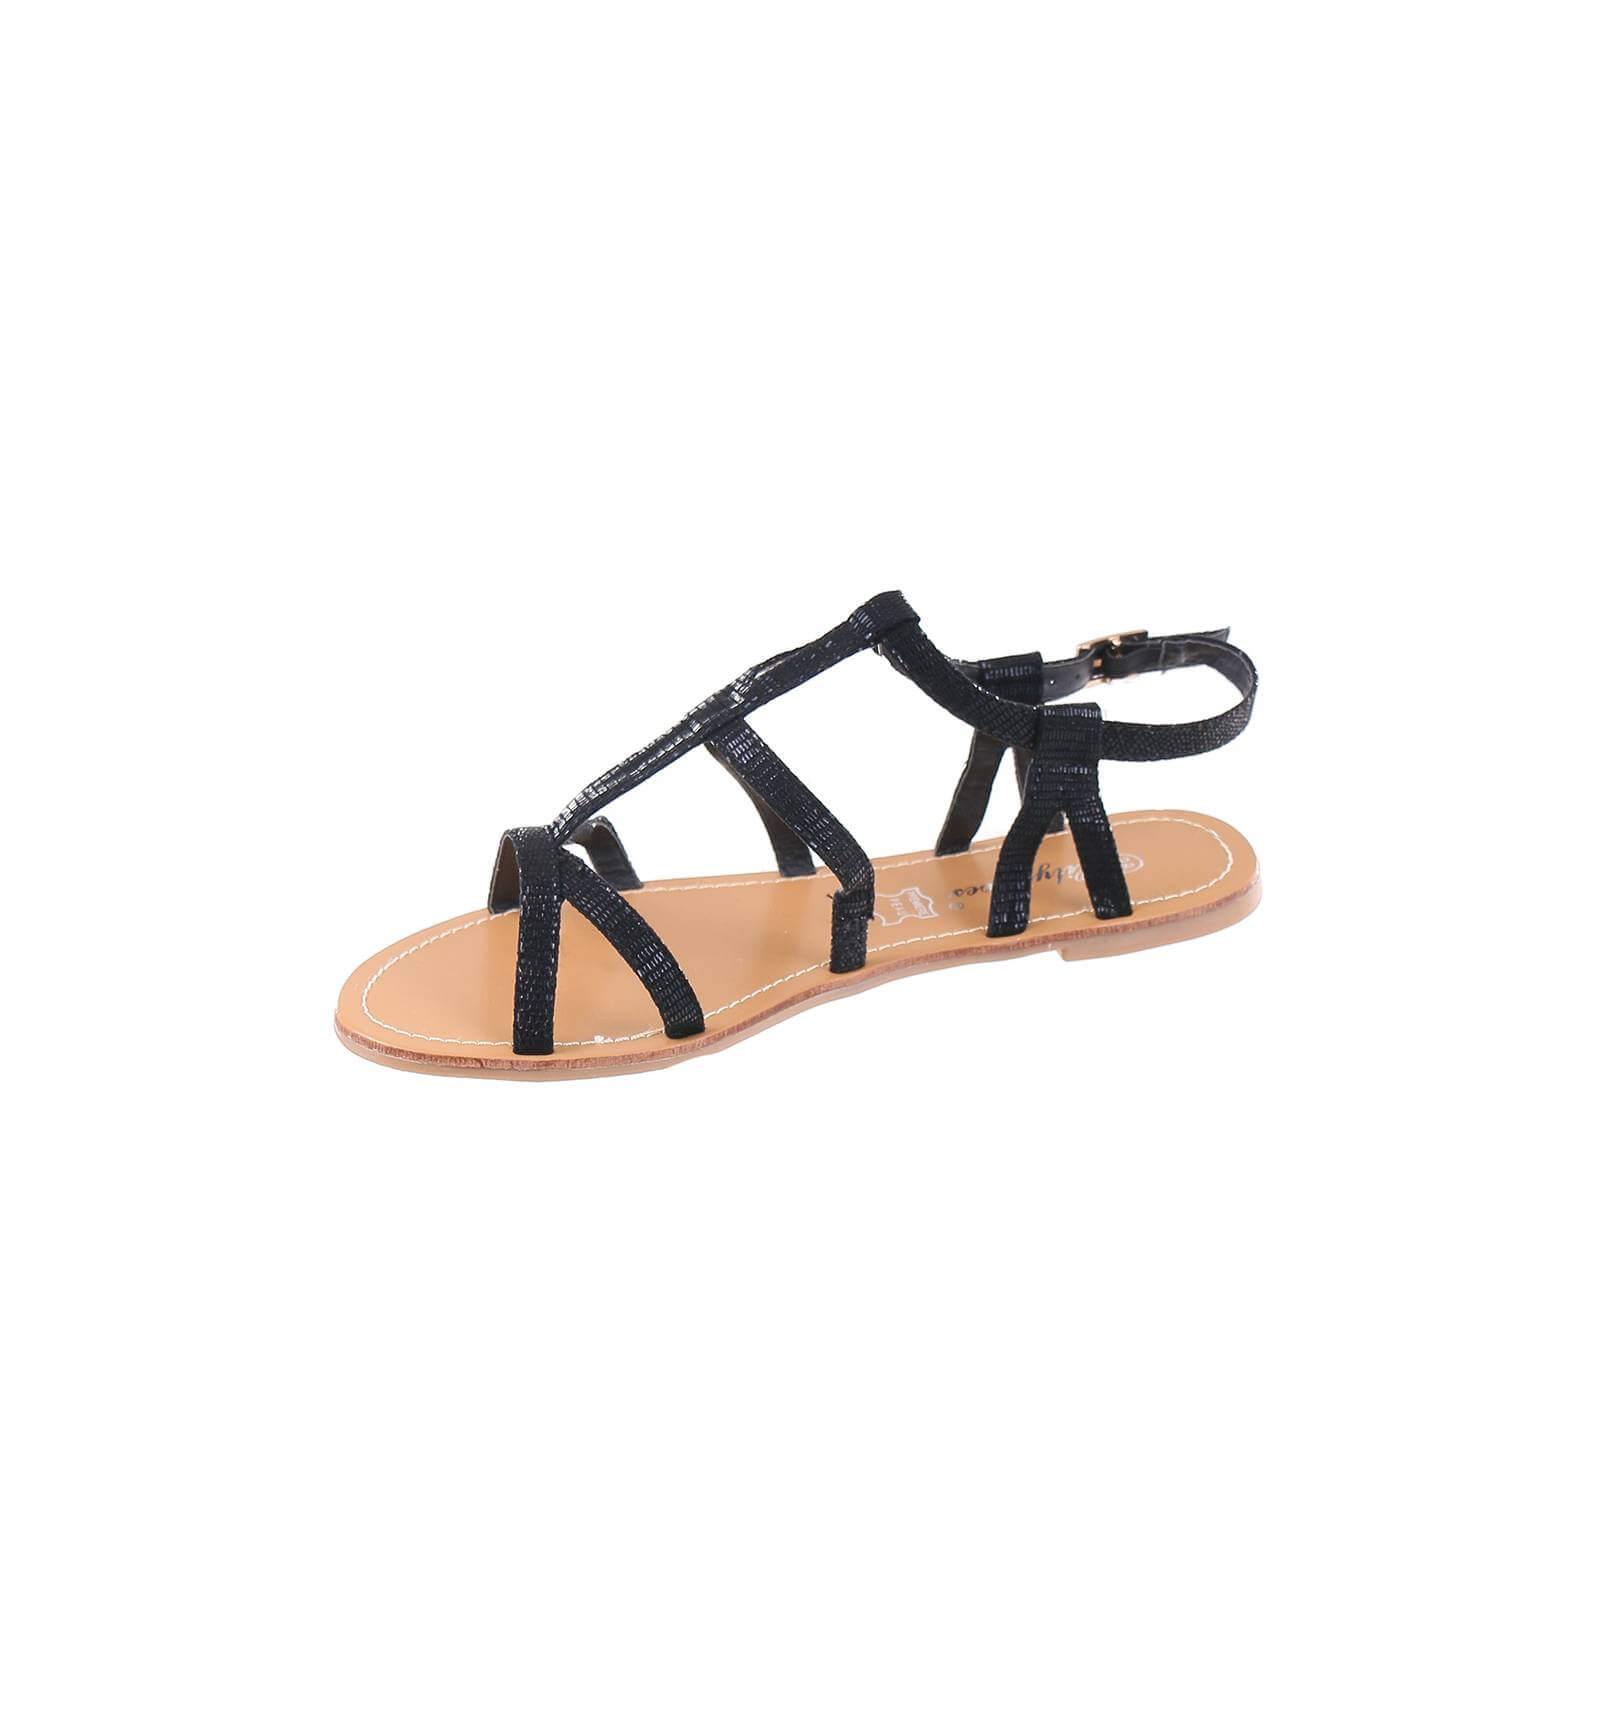 49e0d0746a4 sandale femme simili cuir aspect serpent verni noir avec boucle ...